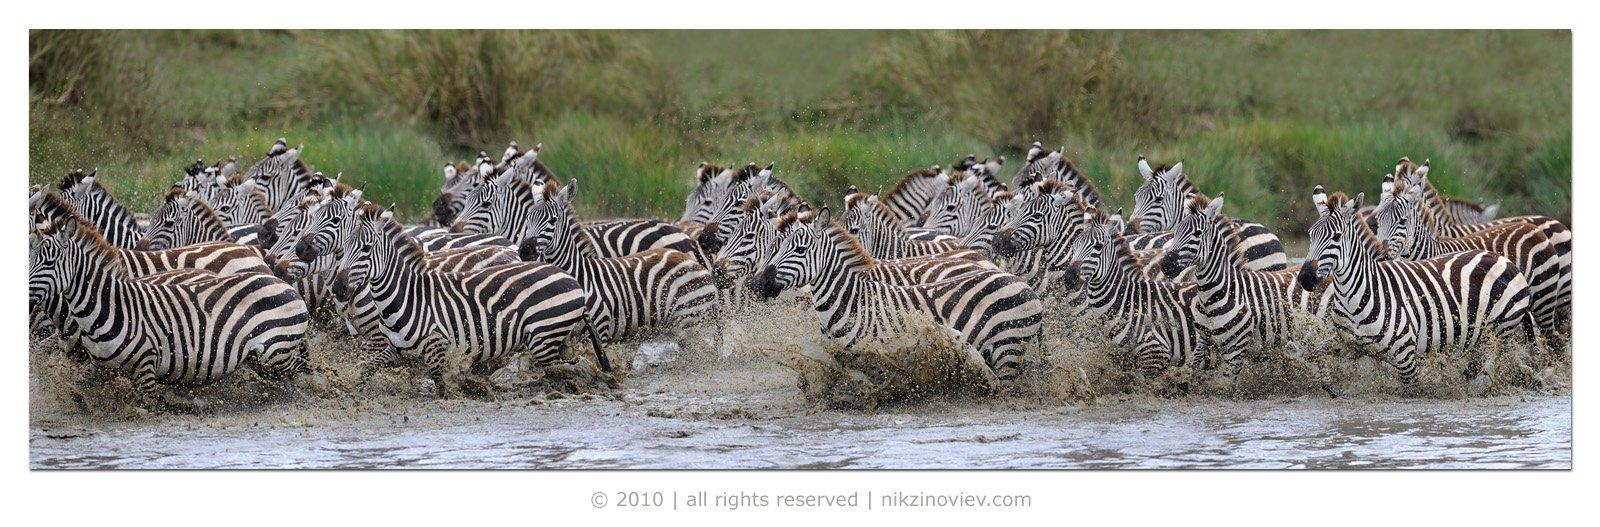 зебра, дикие животные, африка, саванна, серенгети, танзания, николай зиновьев, Николай Зиновьев